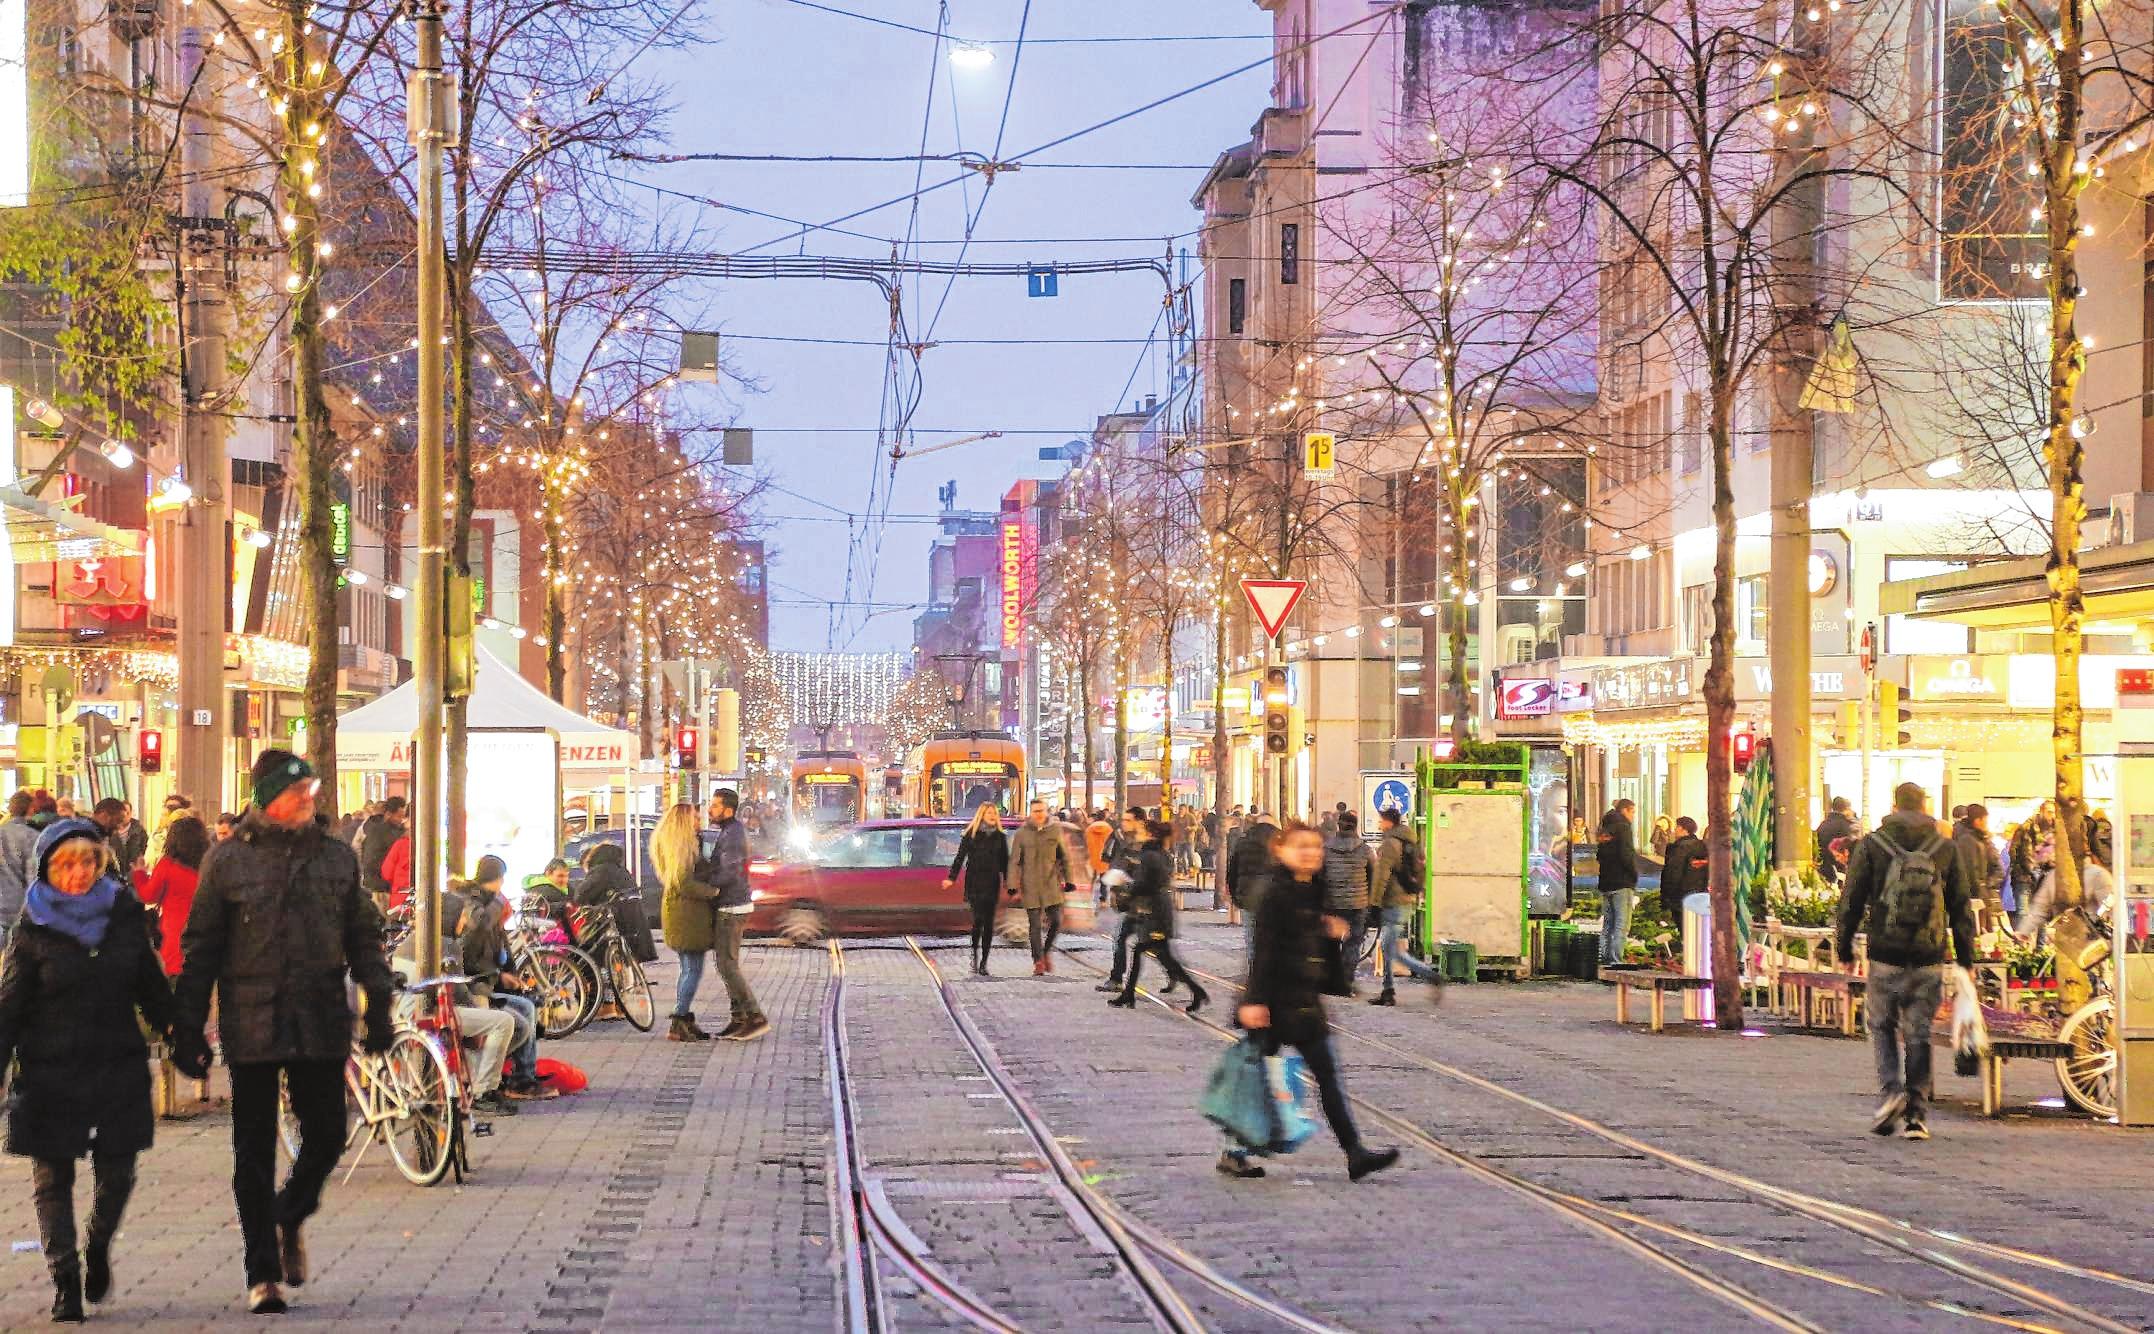 Mannheims Innenstadt im Weihnachtsglanz